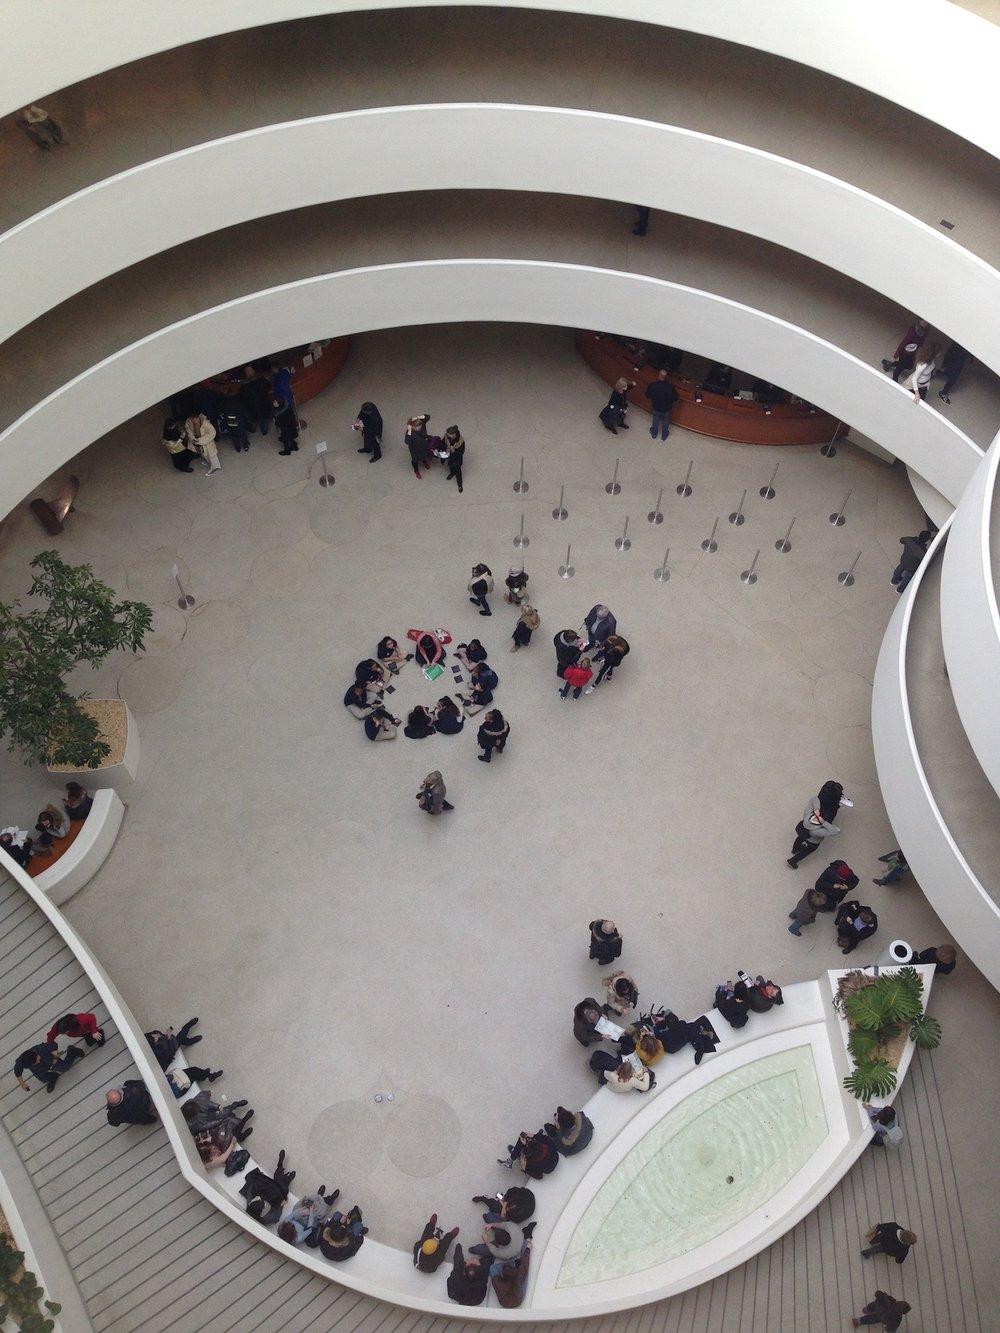 04 Looking down.jpg